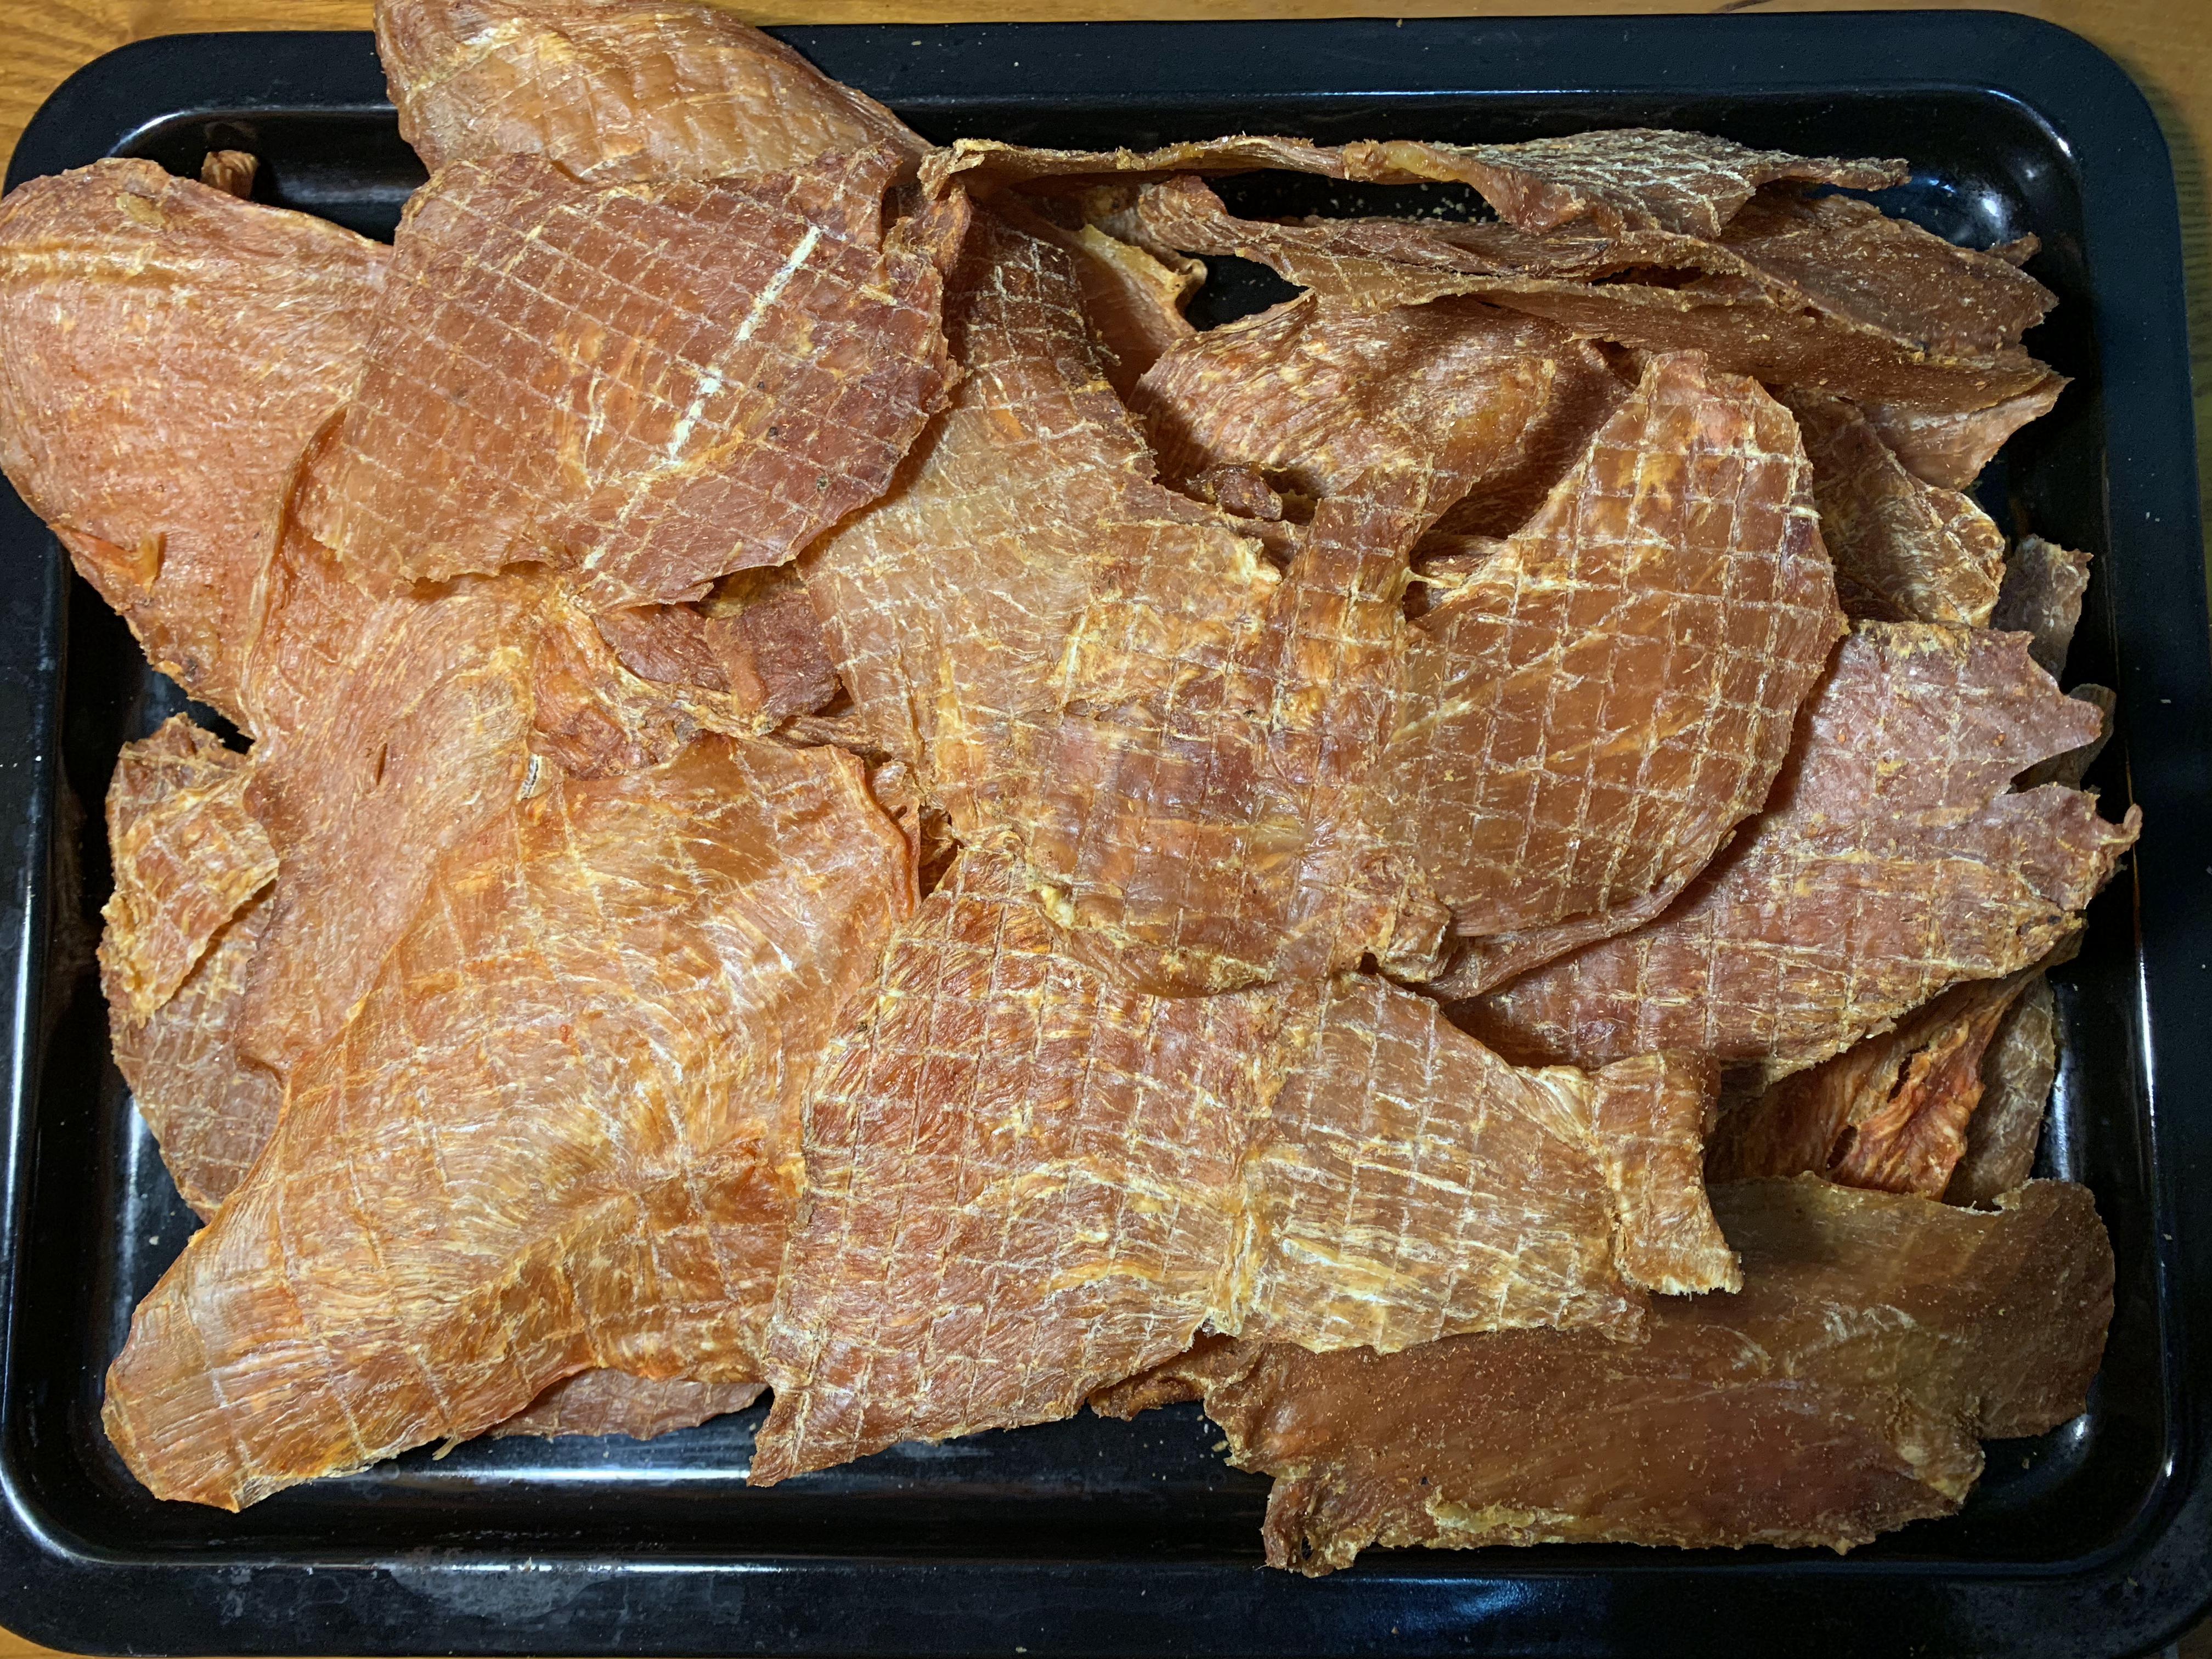 鸡胸肉丝干鸡肉干人吃健身饱腹代餐低卡高蛋白零食鸡肉干耐吃低脂